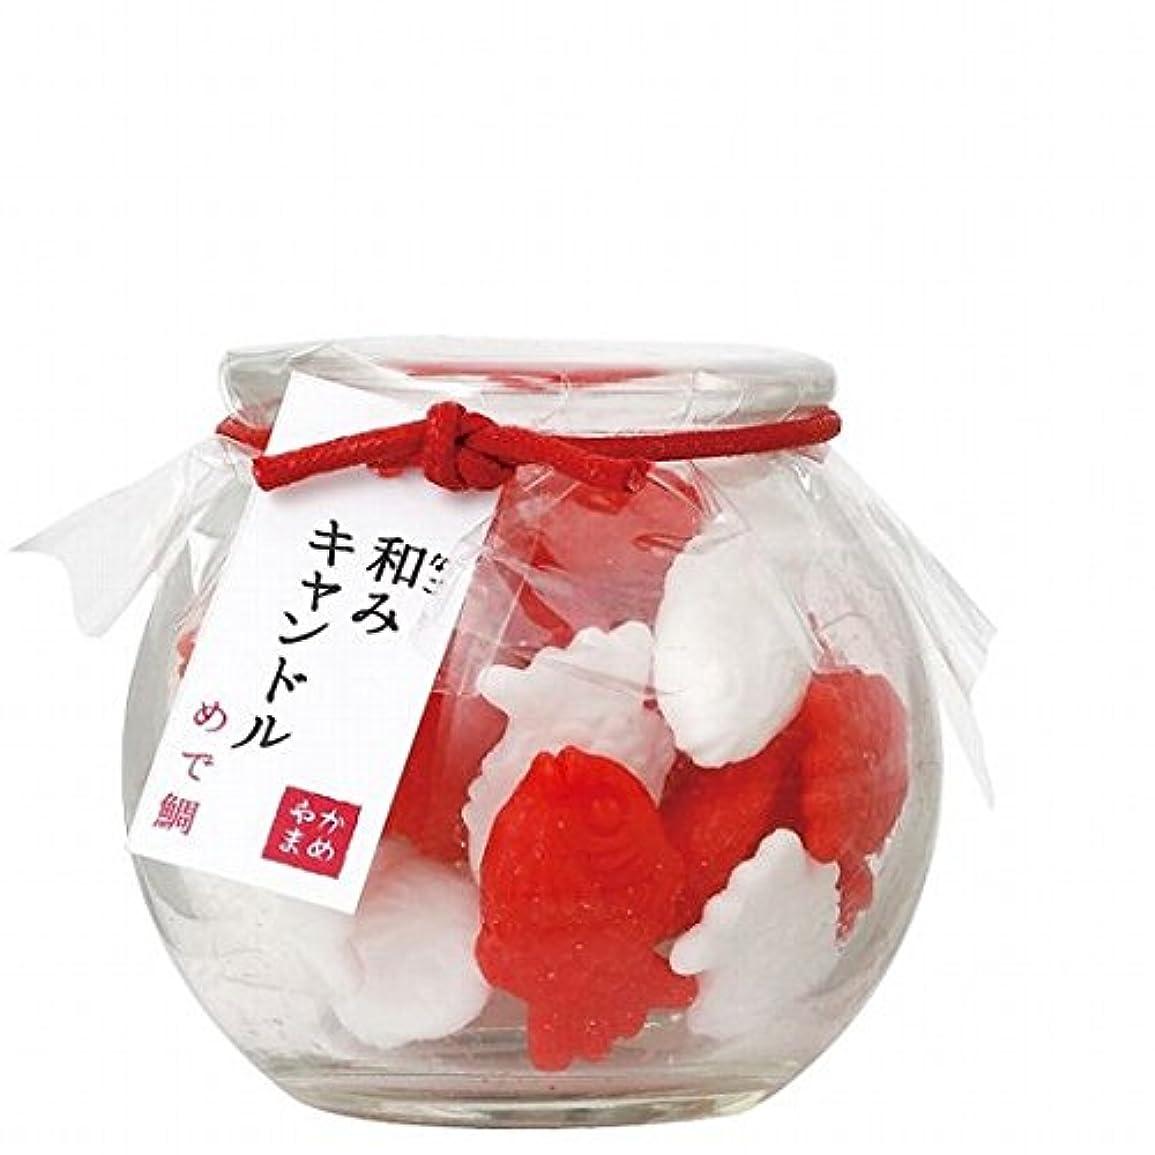 カメヤマキャンドル(kameyama candle) 和みキャンドル 「めで鯛」